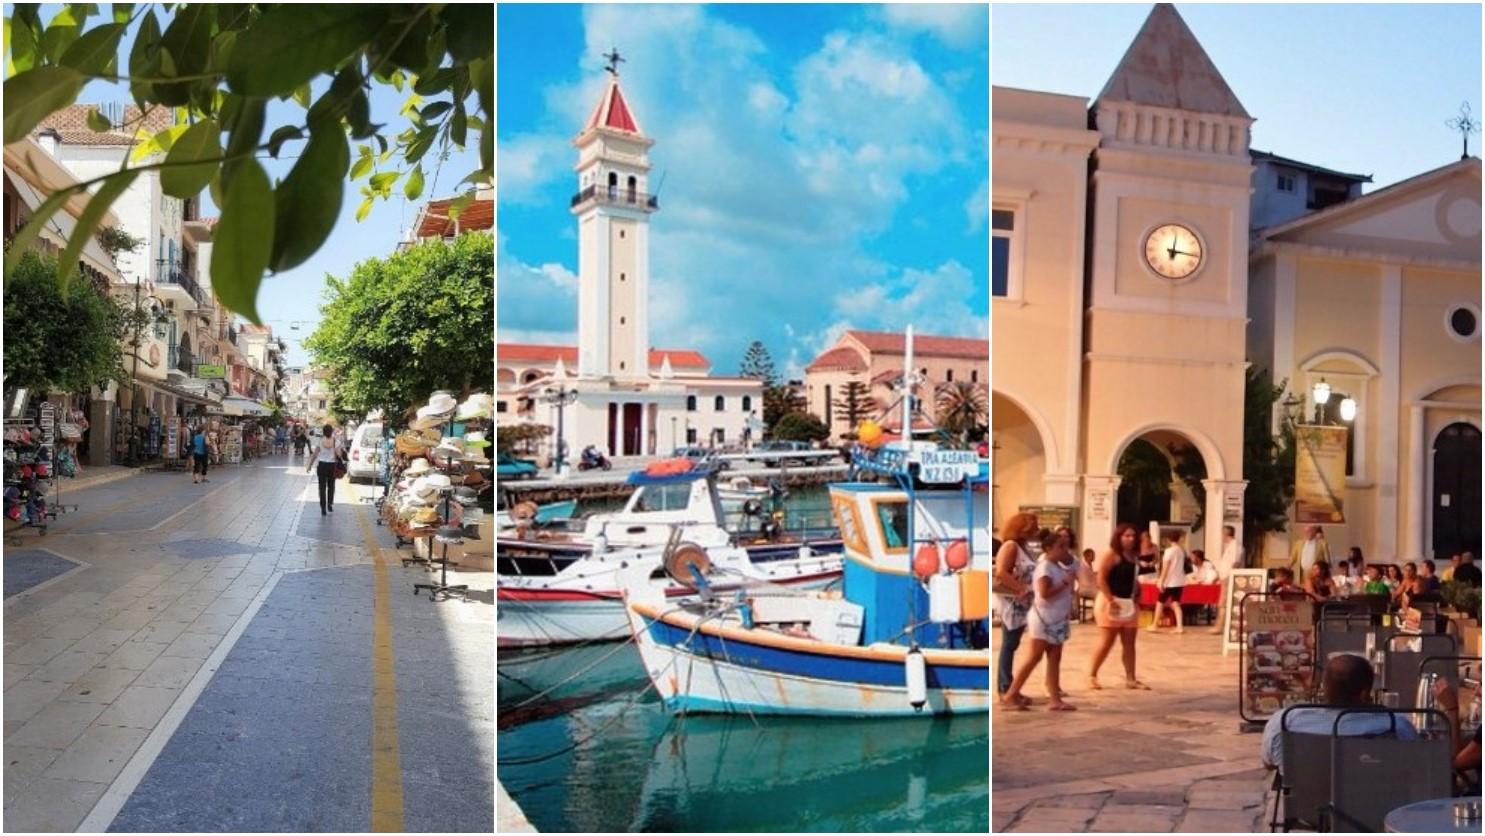 Explore the local area - Zante shopping | Zante harbour | St.Mark's Square